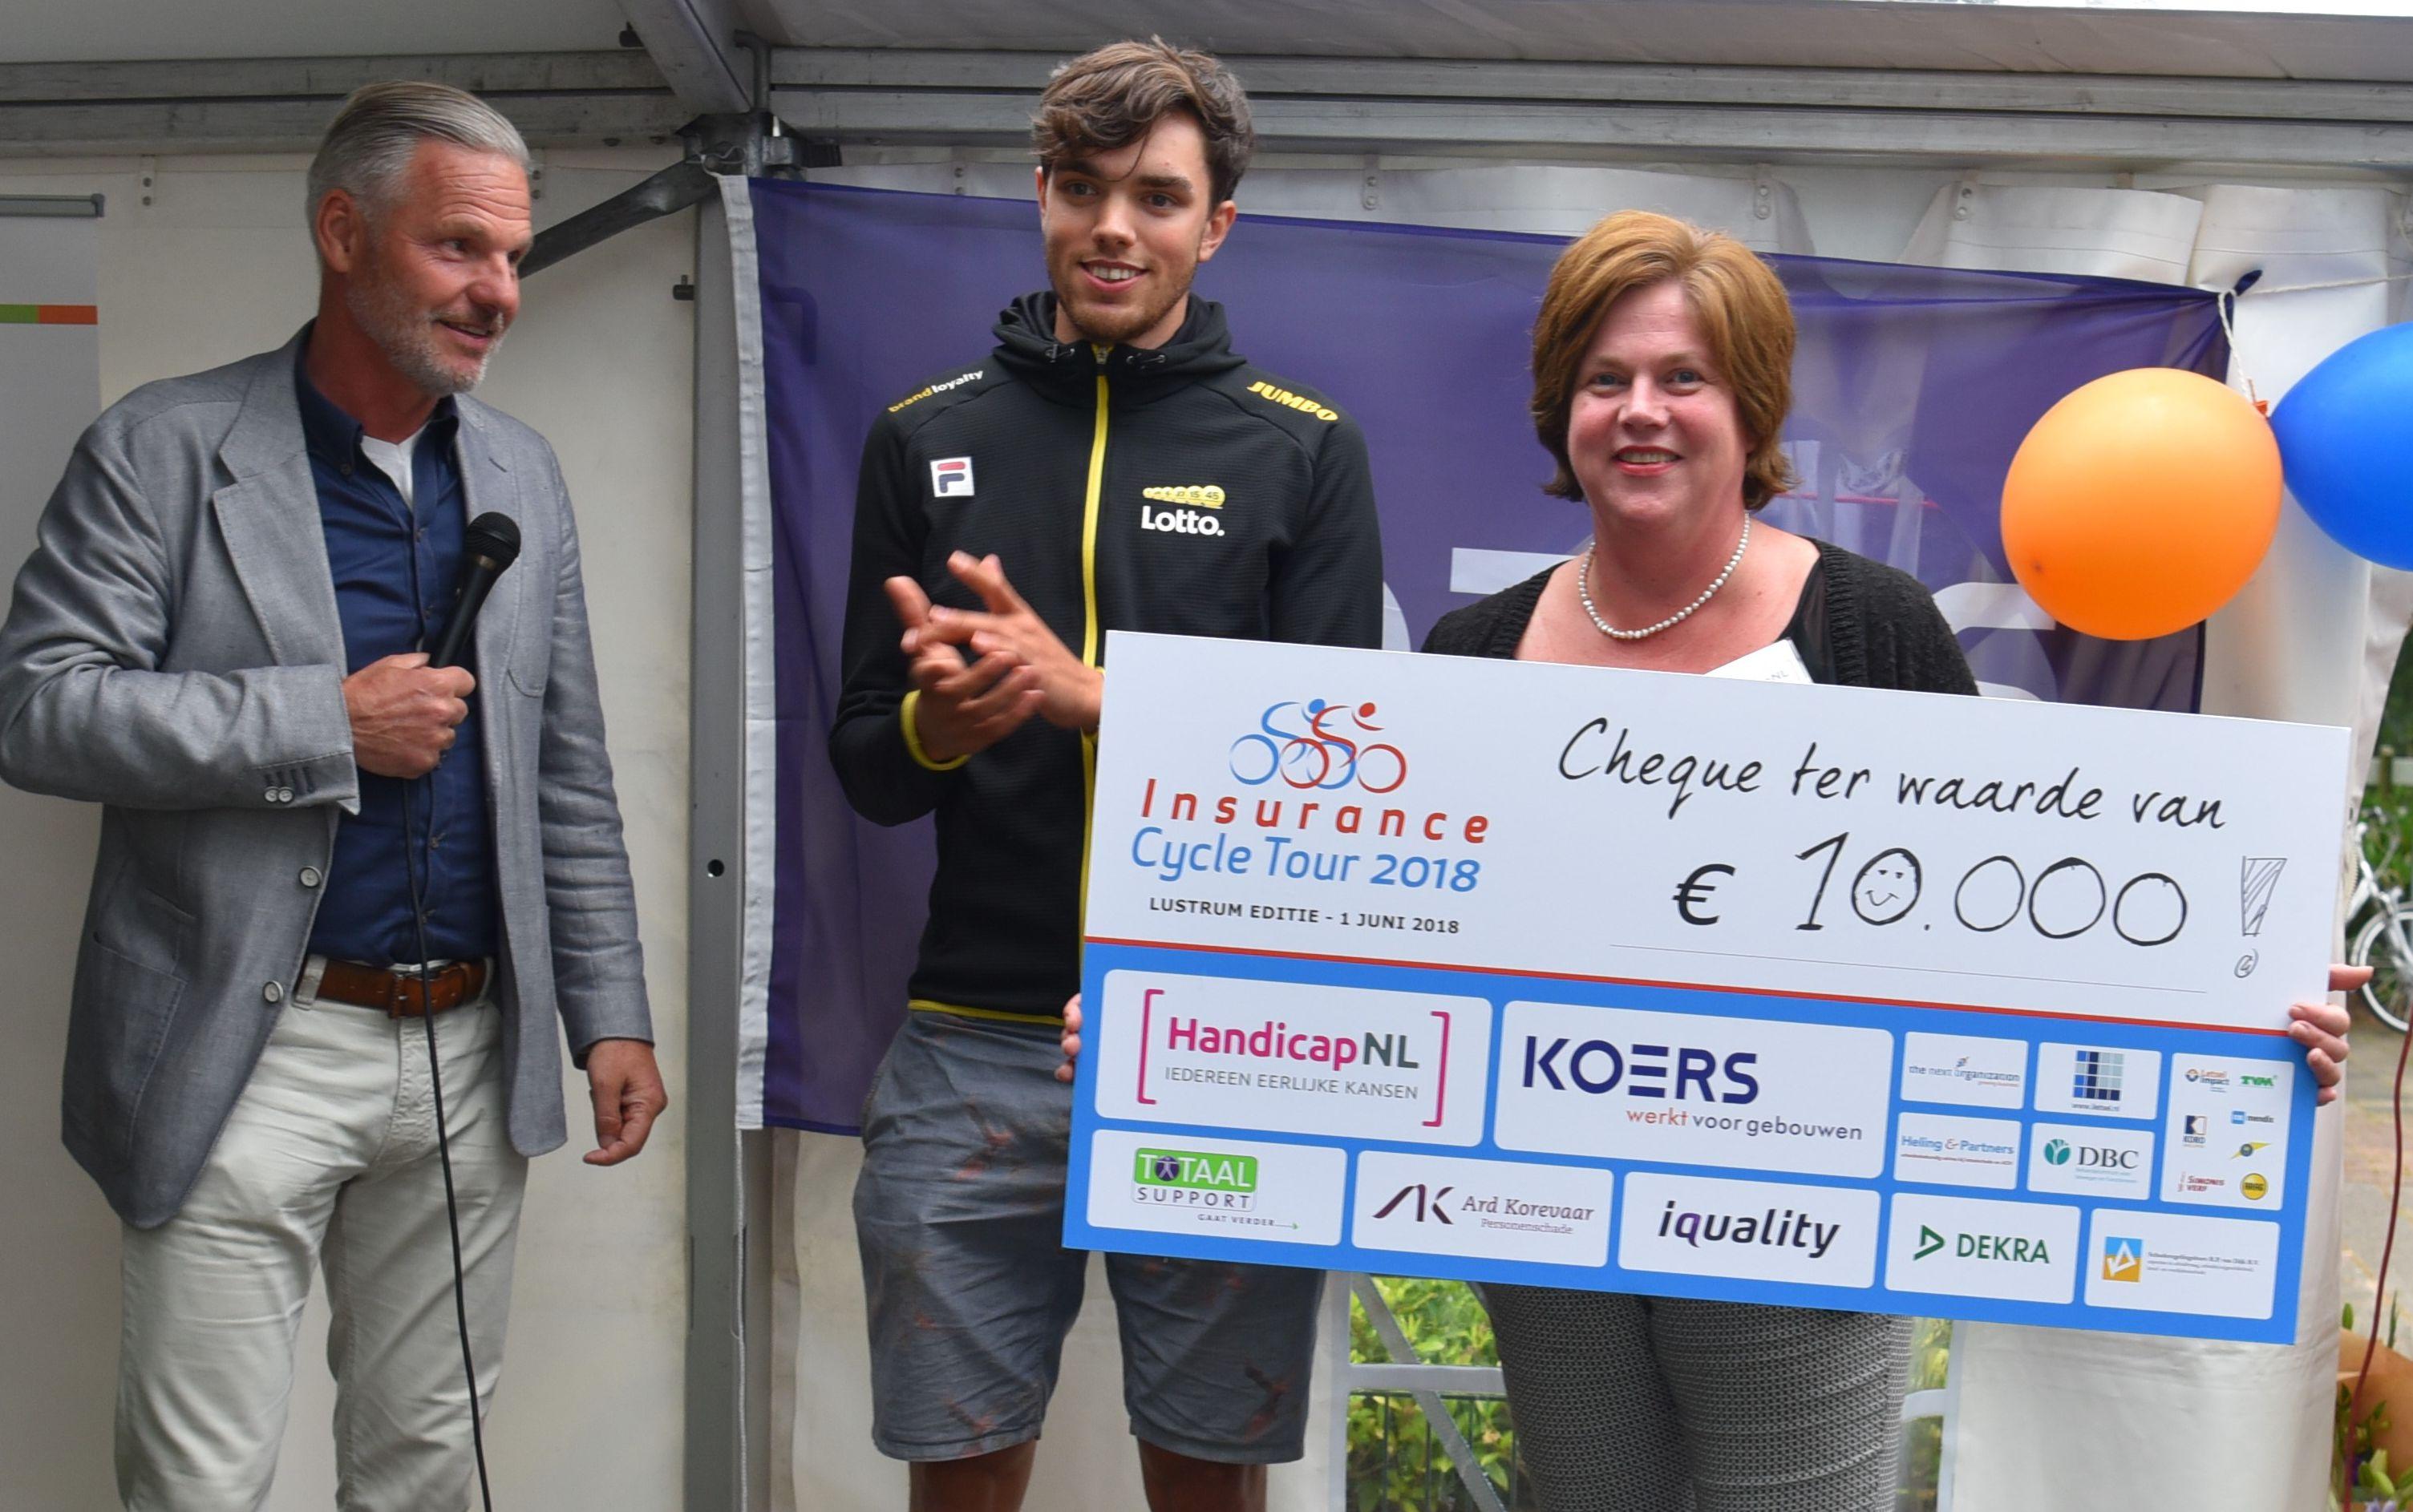 Linda Ostendorp medewerker HandicapNL met de check van de Insurance Cycle Tour 2018